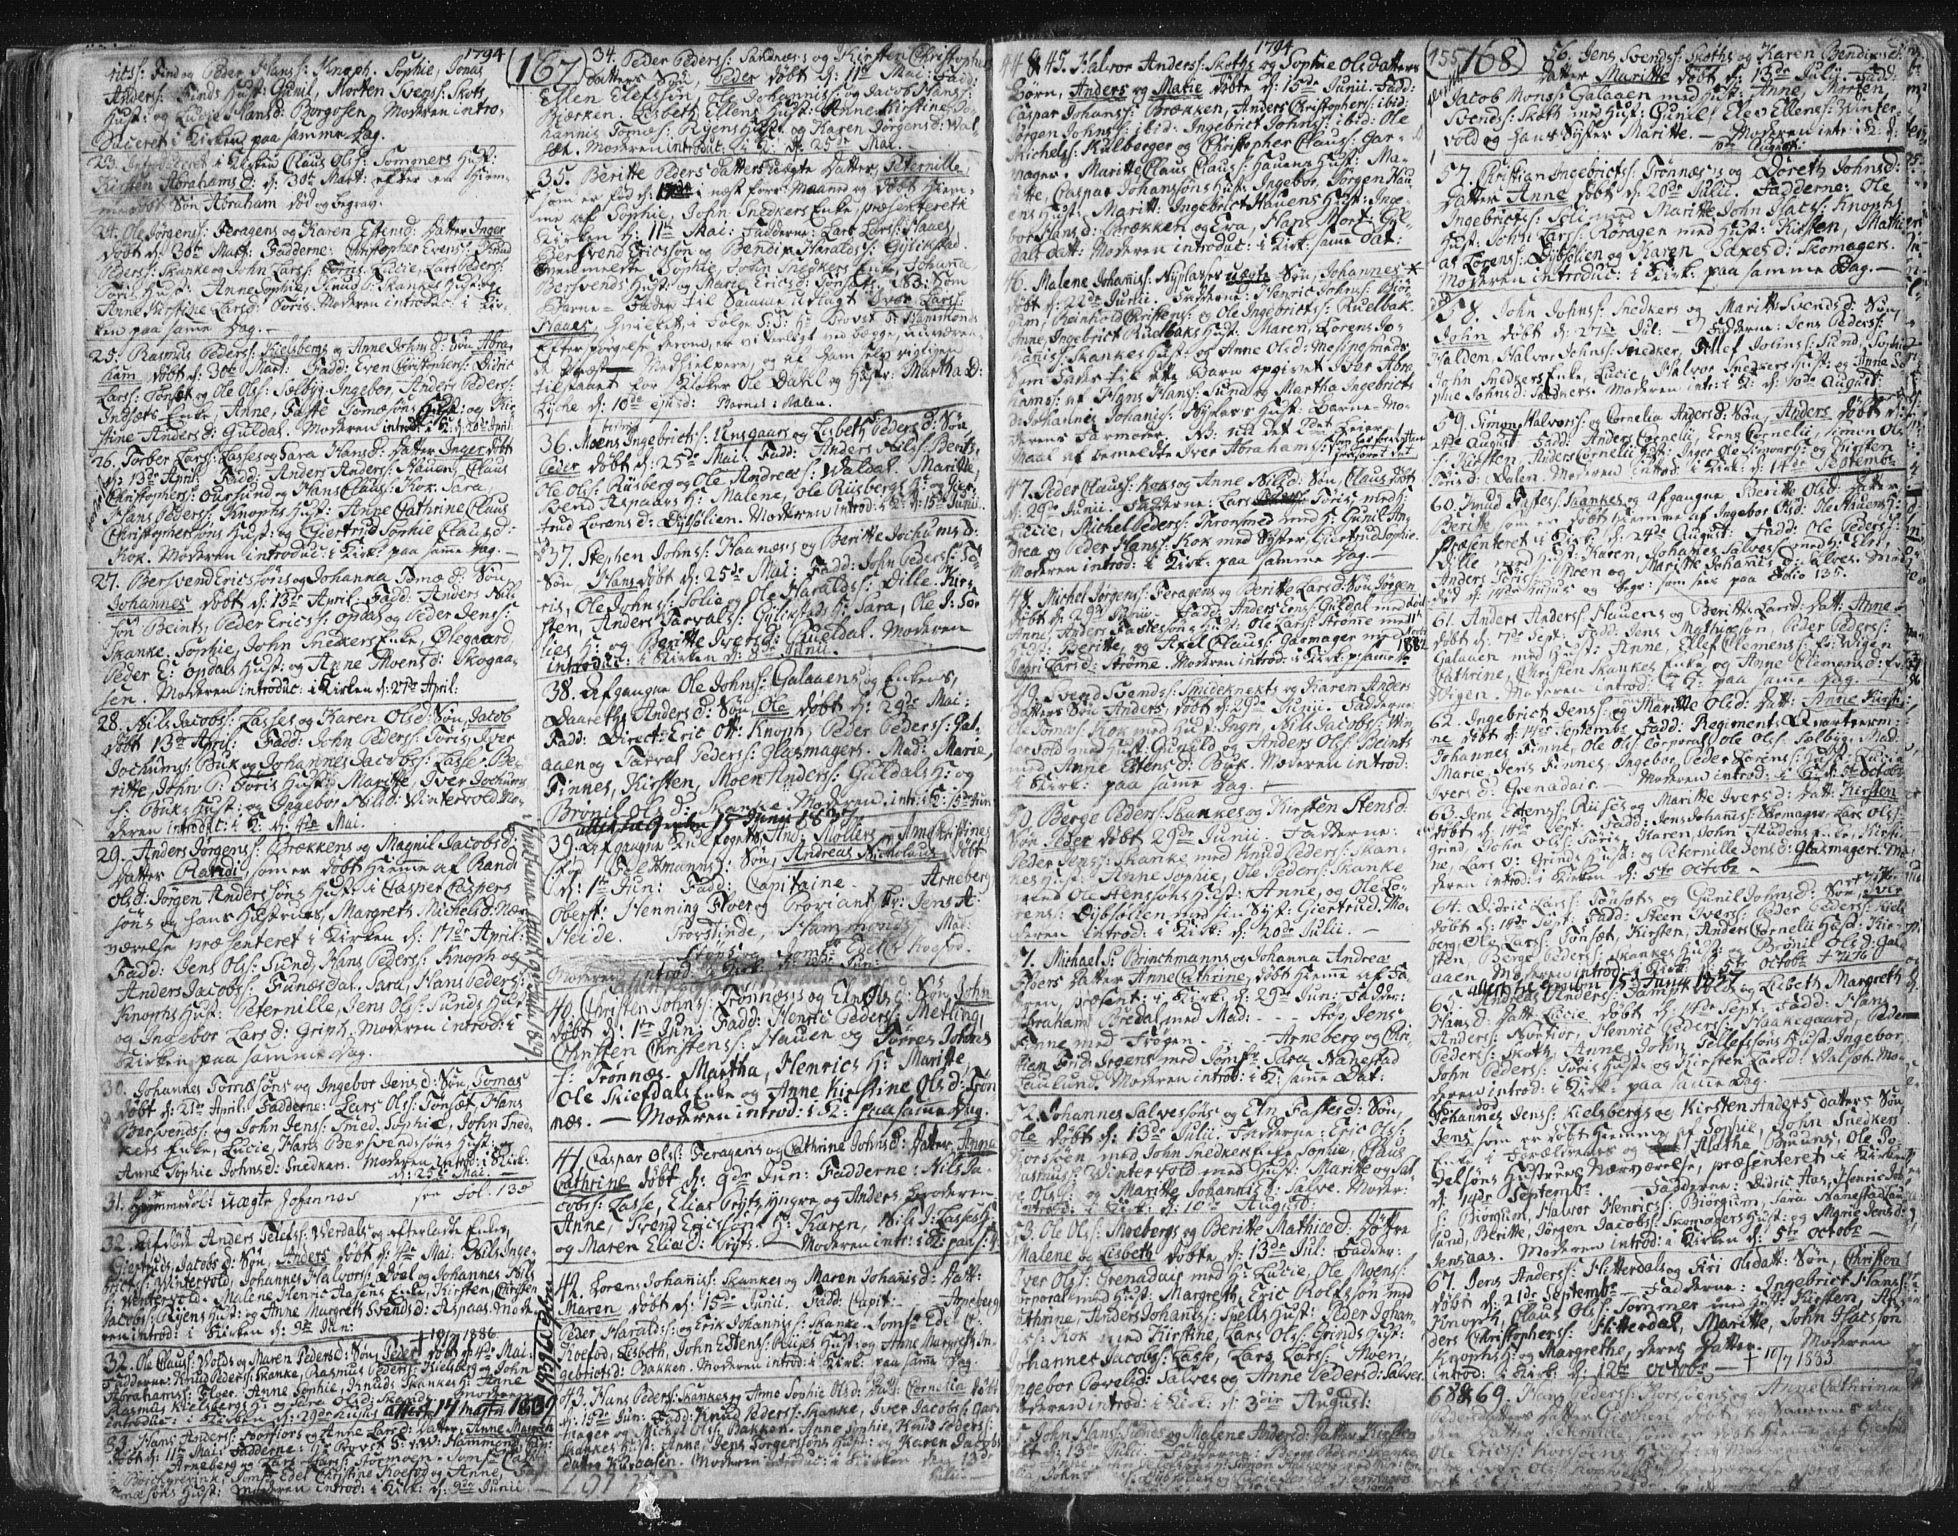 SAT, Ministerialprotokoller, klokkerbøker og fødselsregistre - Sør-Trøndelag, 681/L0926: Ministerialbok nr. 681A04, 1767-1797, s. 155